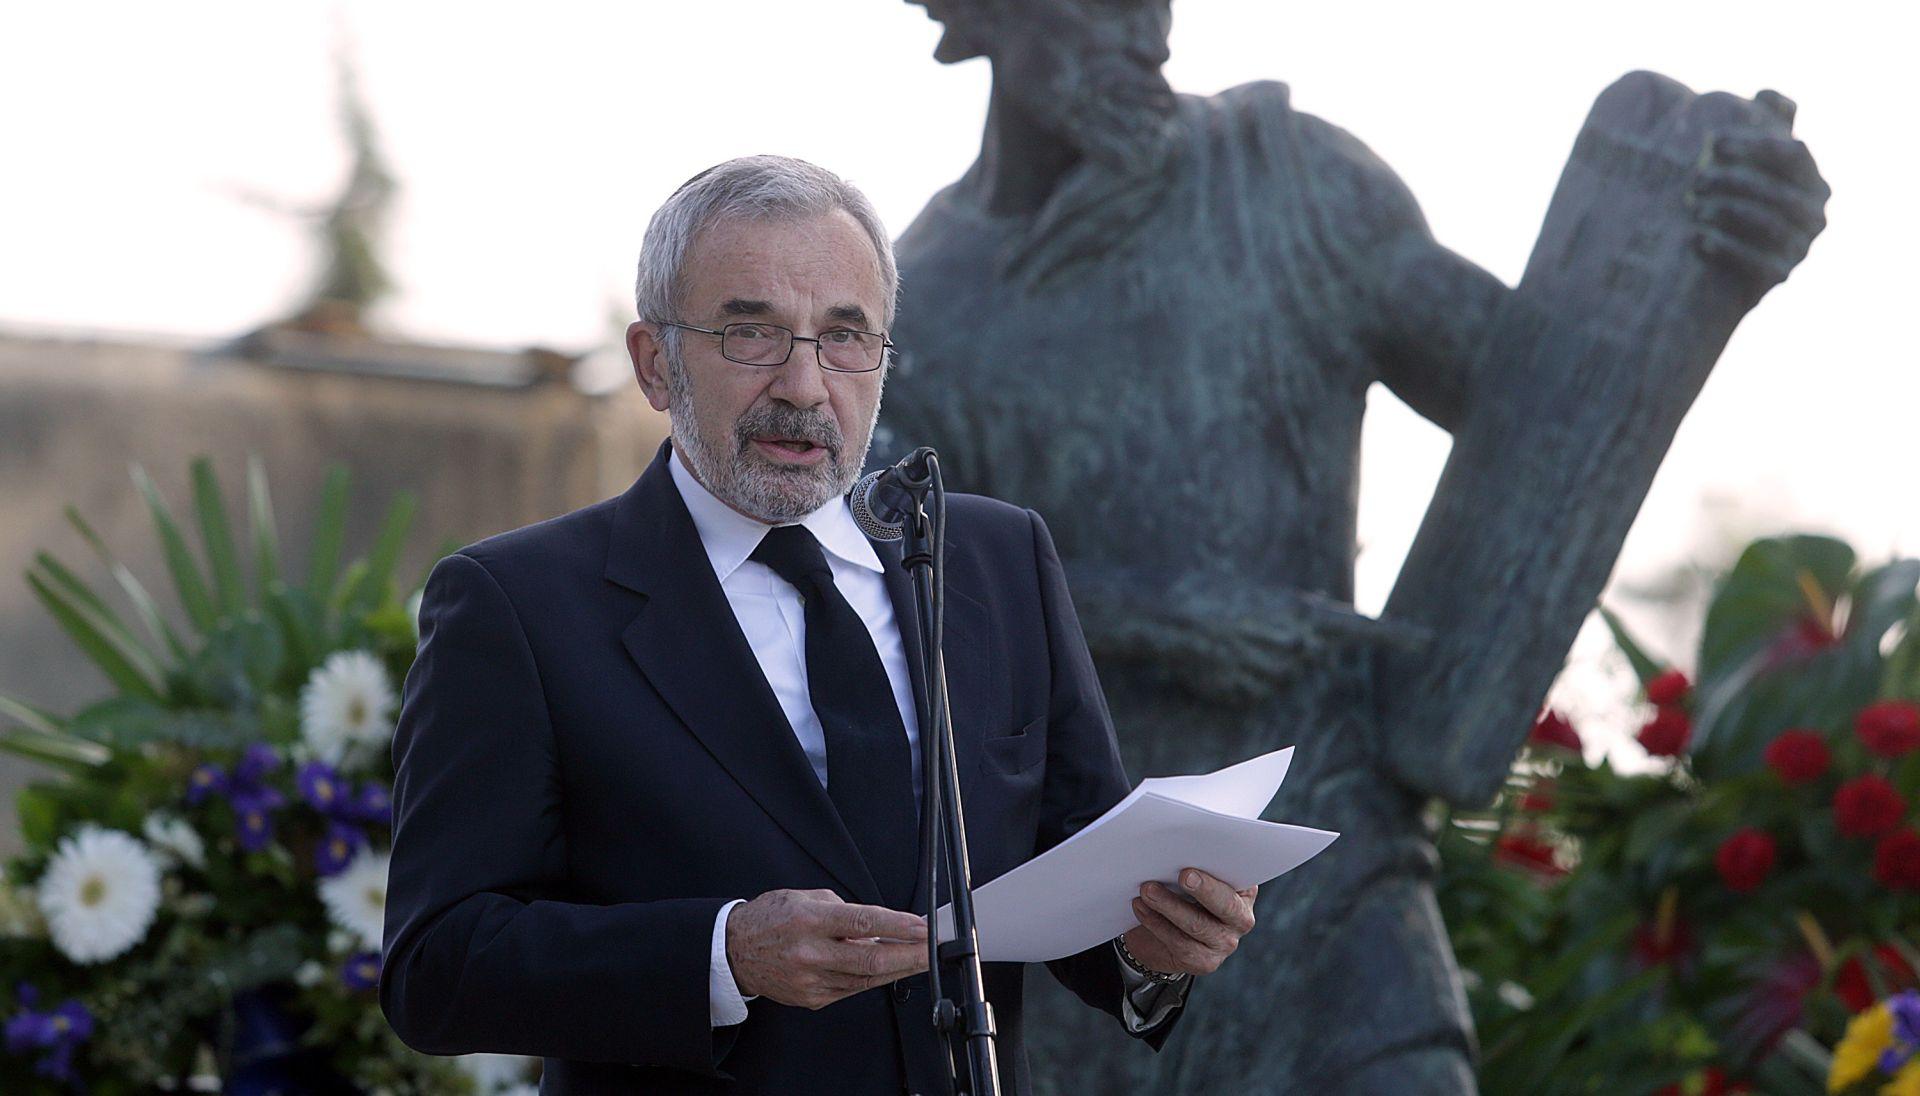 Kraus pozvao Hrvatsku da zakonom zabrani ustaške simbole